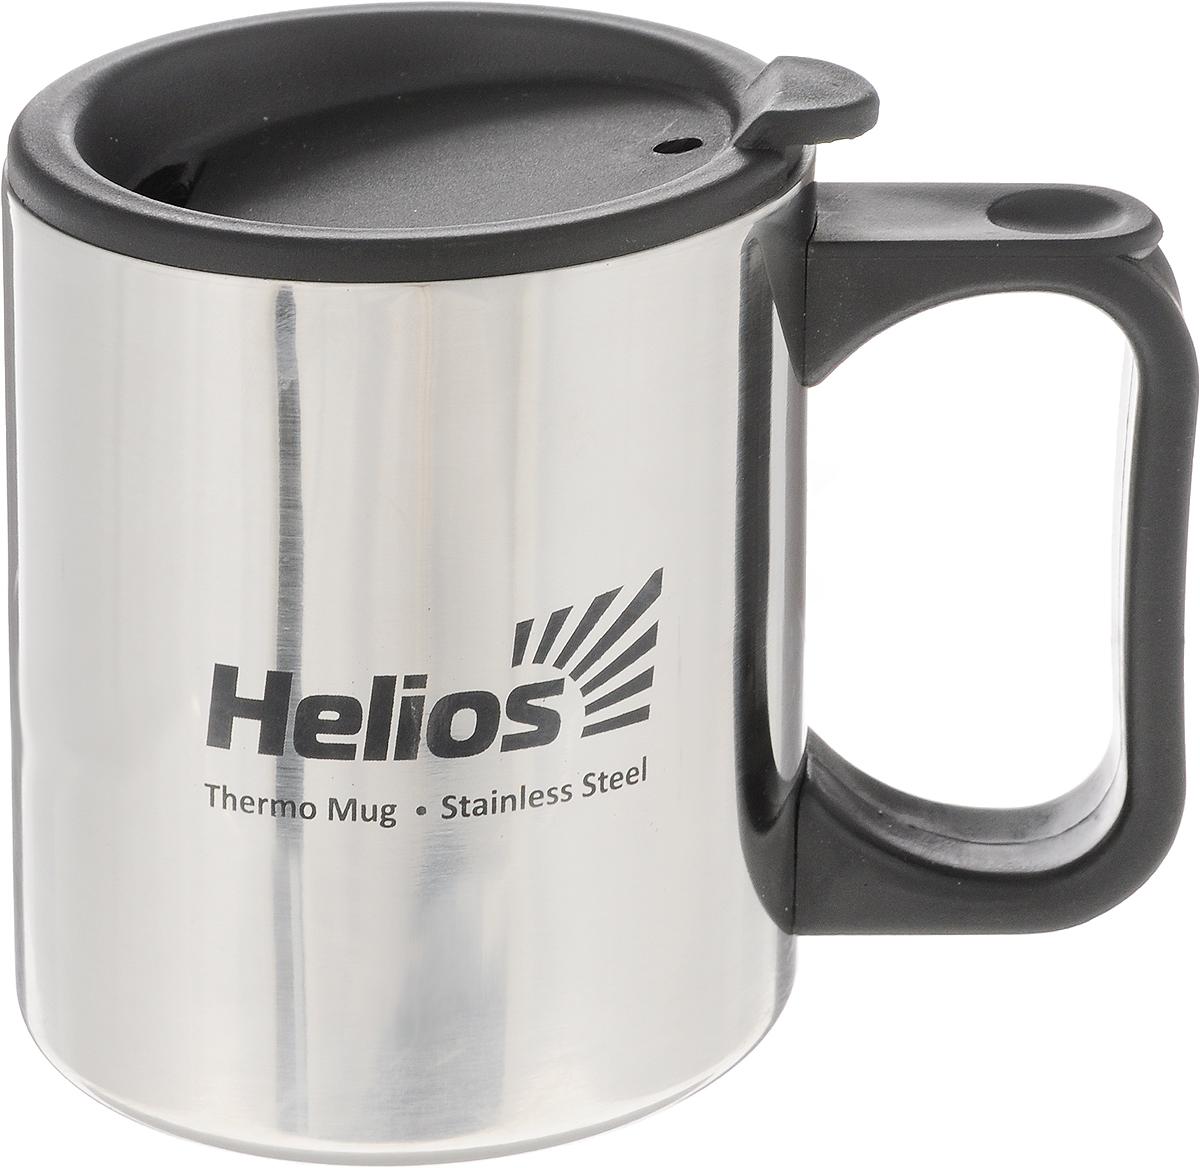 Термокружка Helios HS TK-006, с крышкой-поилкой, 300 мл128983Термокружка Helios HS TK-006 предназначена специально для горячих и холодных напитков. Она изготовлена из высококачественной нержавеющей стали. Двойная стенка гарантирует долгое сохранение температуры и убережет от ожогов при заваривании чая или кофе. Крышка-поилка из термостойкого пластика предохраняет от проливания и не дает напитку остыть. Такая кружка прекрасно сохраняет свою целостность и первозданный вид даже при многократном использовании. Диаметр кружки (по верхнему краю): 7,8 см. Высота кружки (без учета крышки): 9 см.